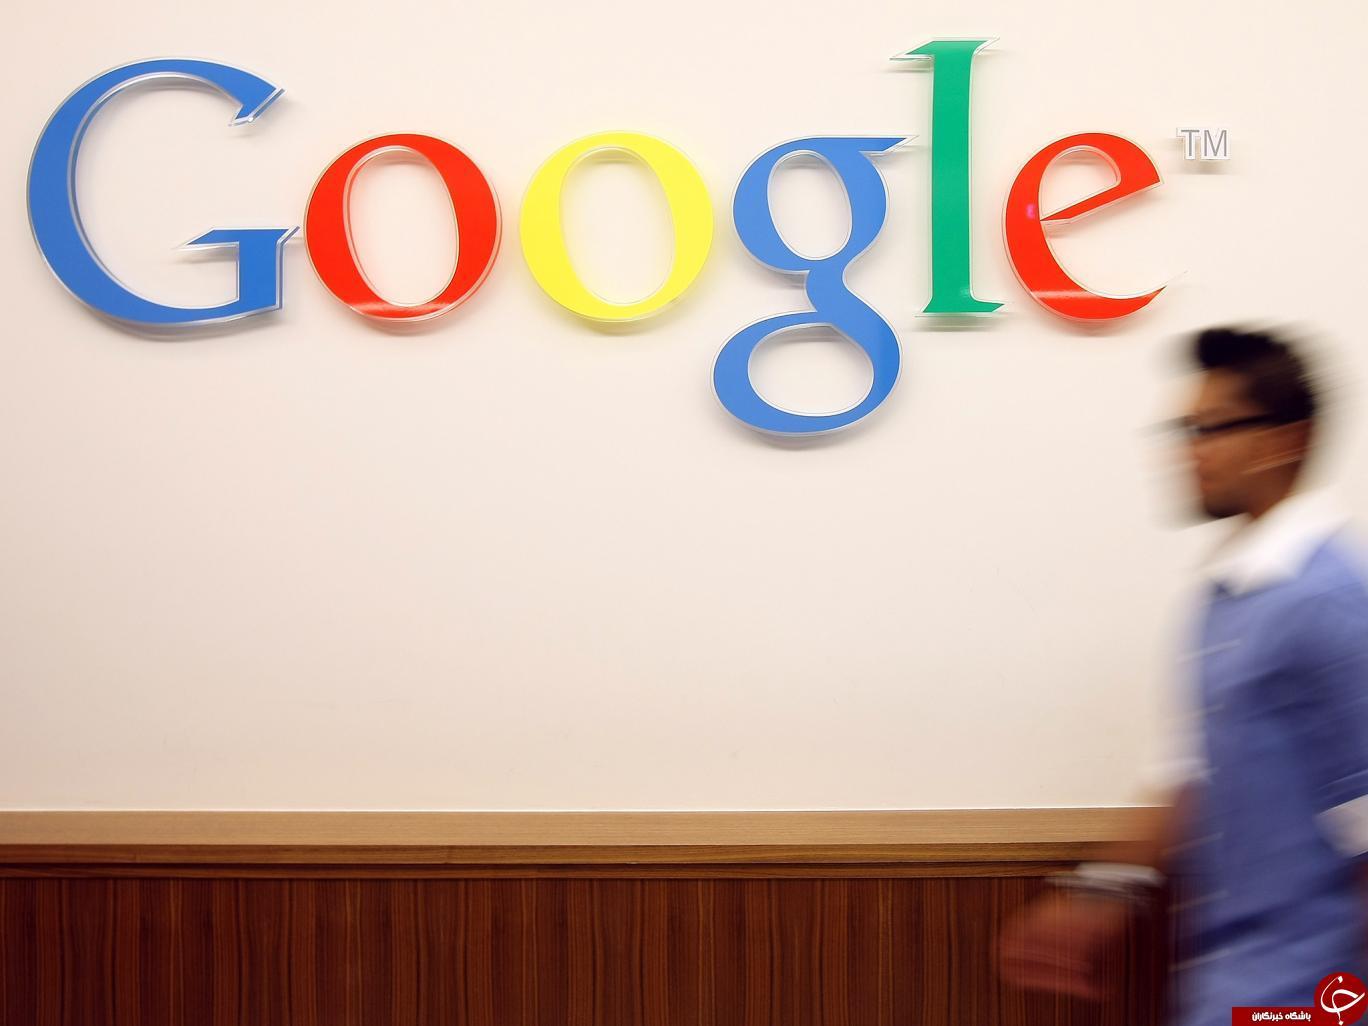 35سوال مصاحبه استخدامی شرکت گوگل